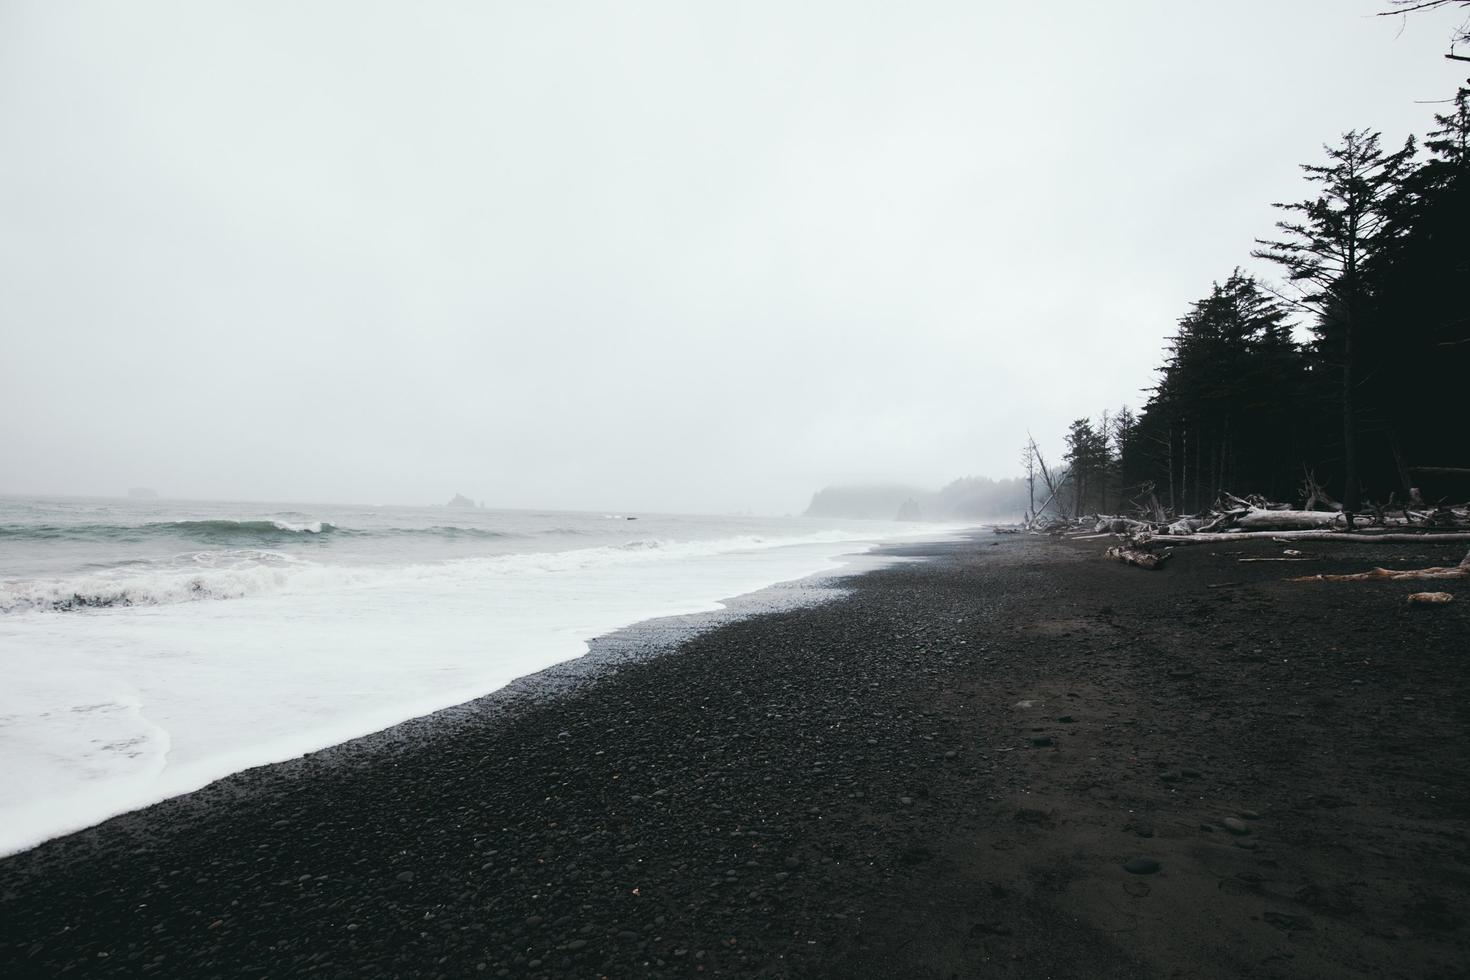 fotografia in scala di grigi della spiaggia foto